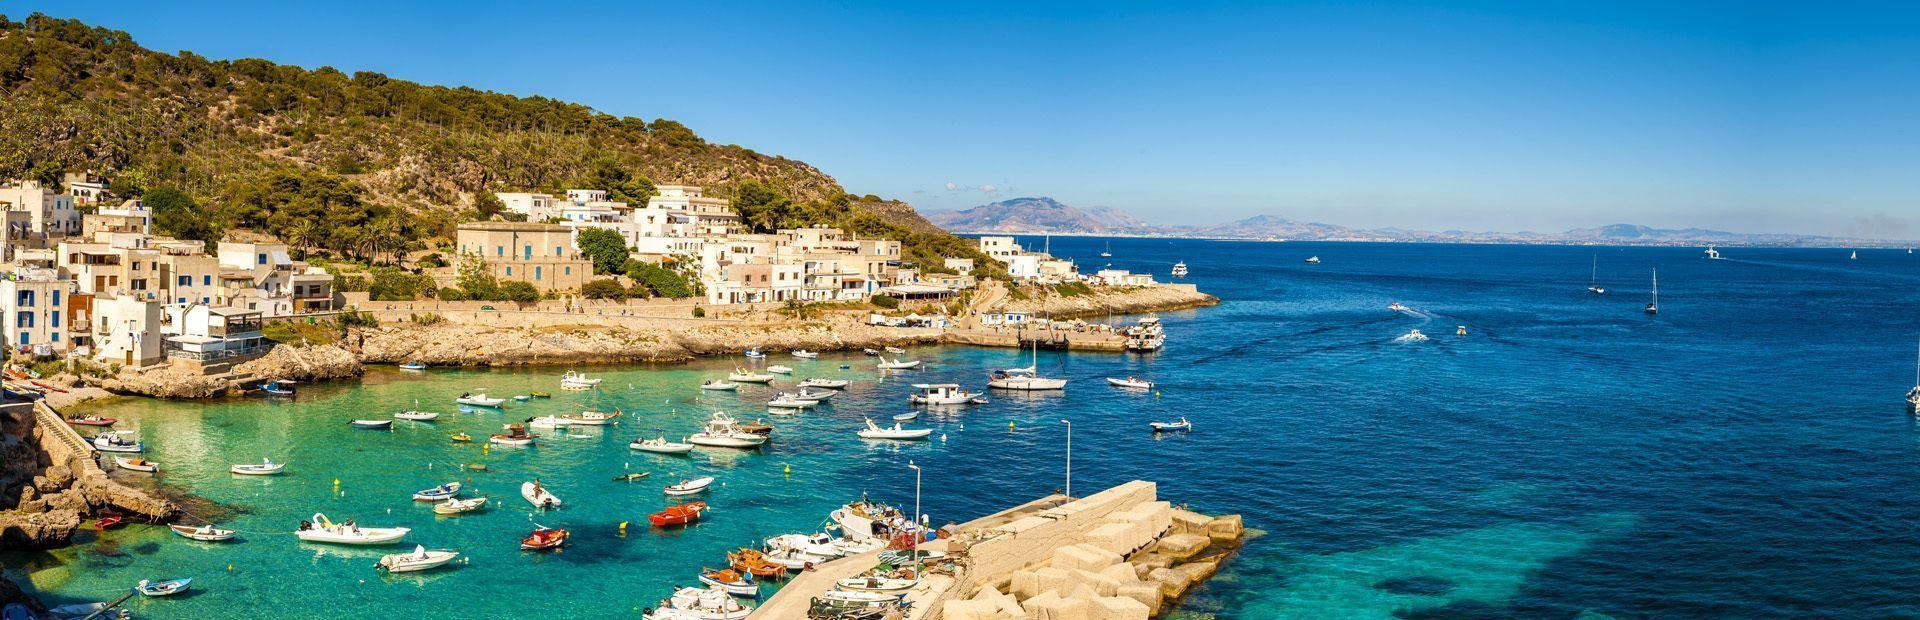 Sicilia Ovest: beach life tra Favignana, San Vito lo Capo e la Riserva dello Zingaro